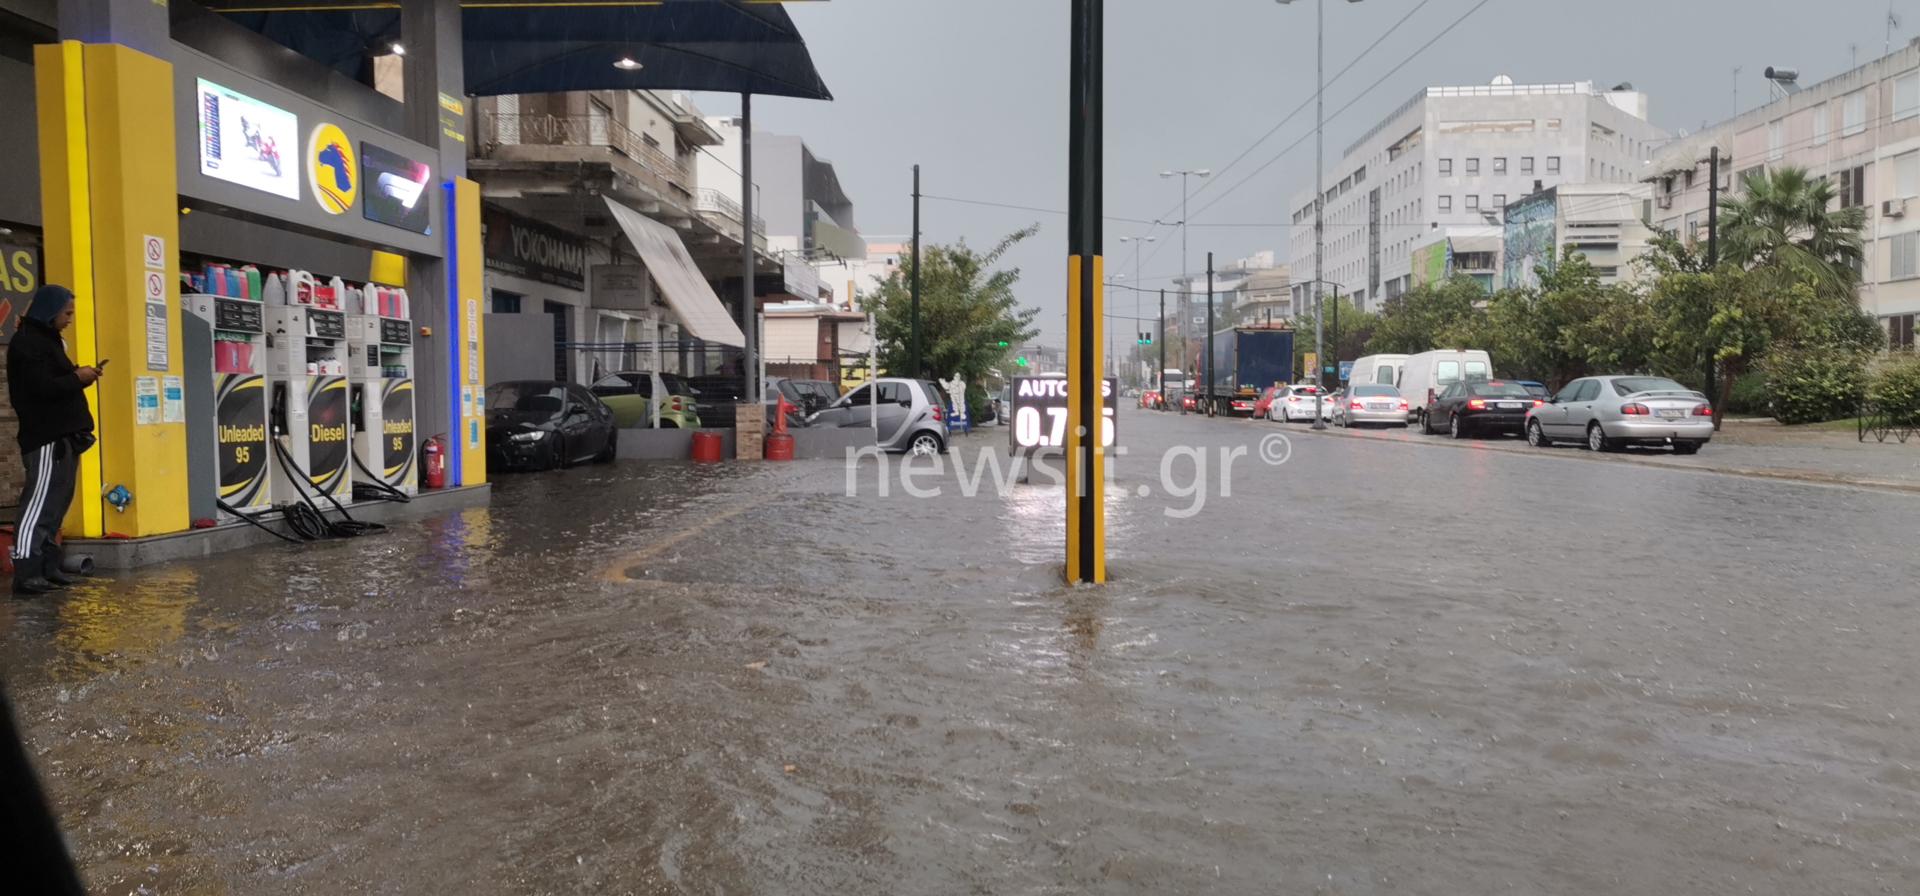 Καιρός: Δρόμοι «ποτάμια», διακοπή ρεύματος, απεγκλωβισμοί και πλημμυρισμένα σπίτια και υπόγεια